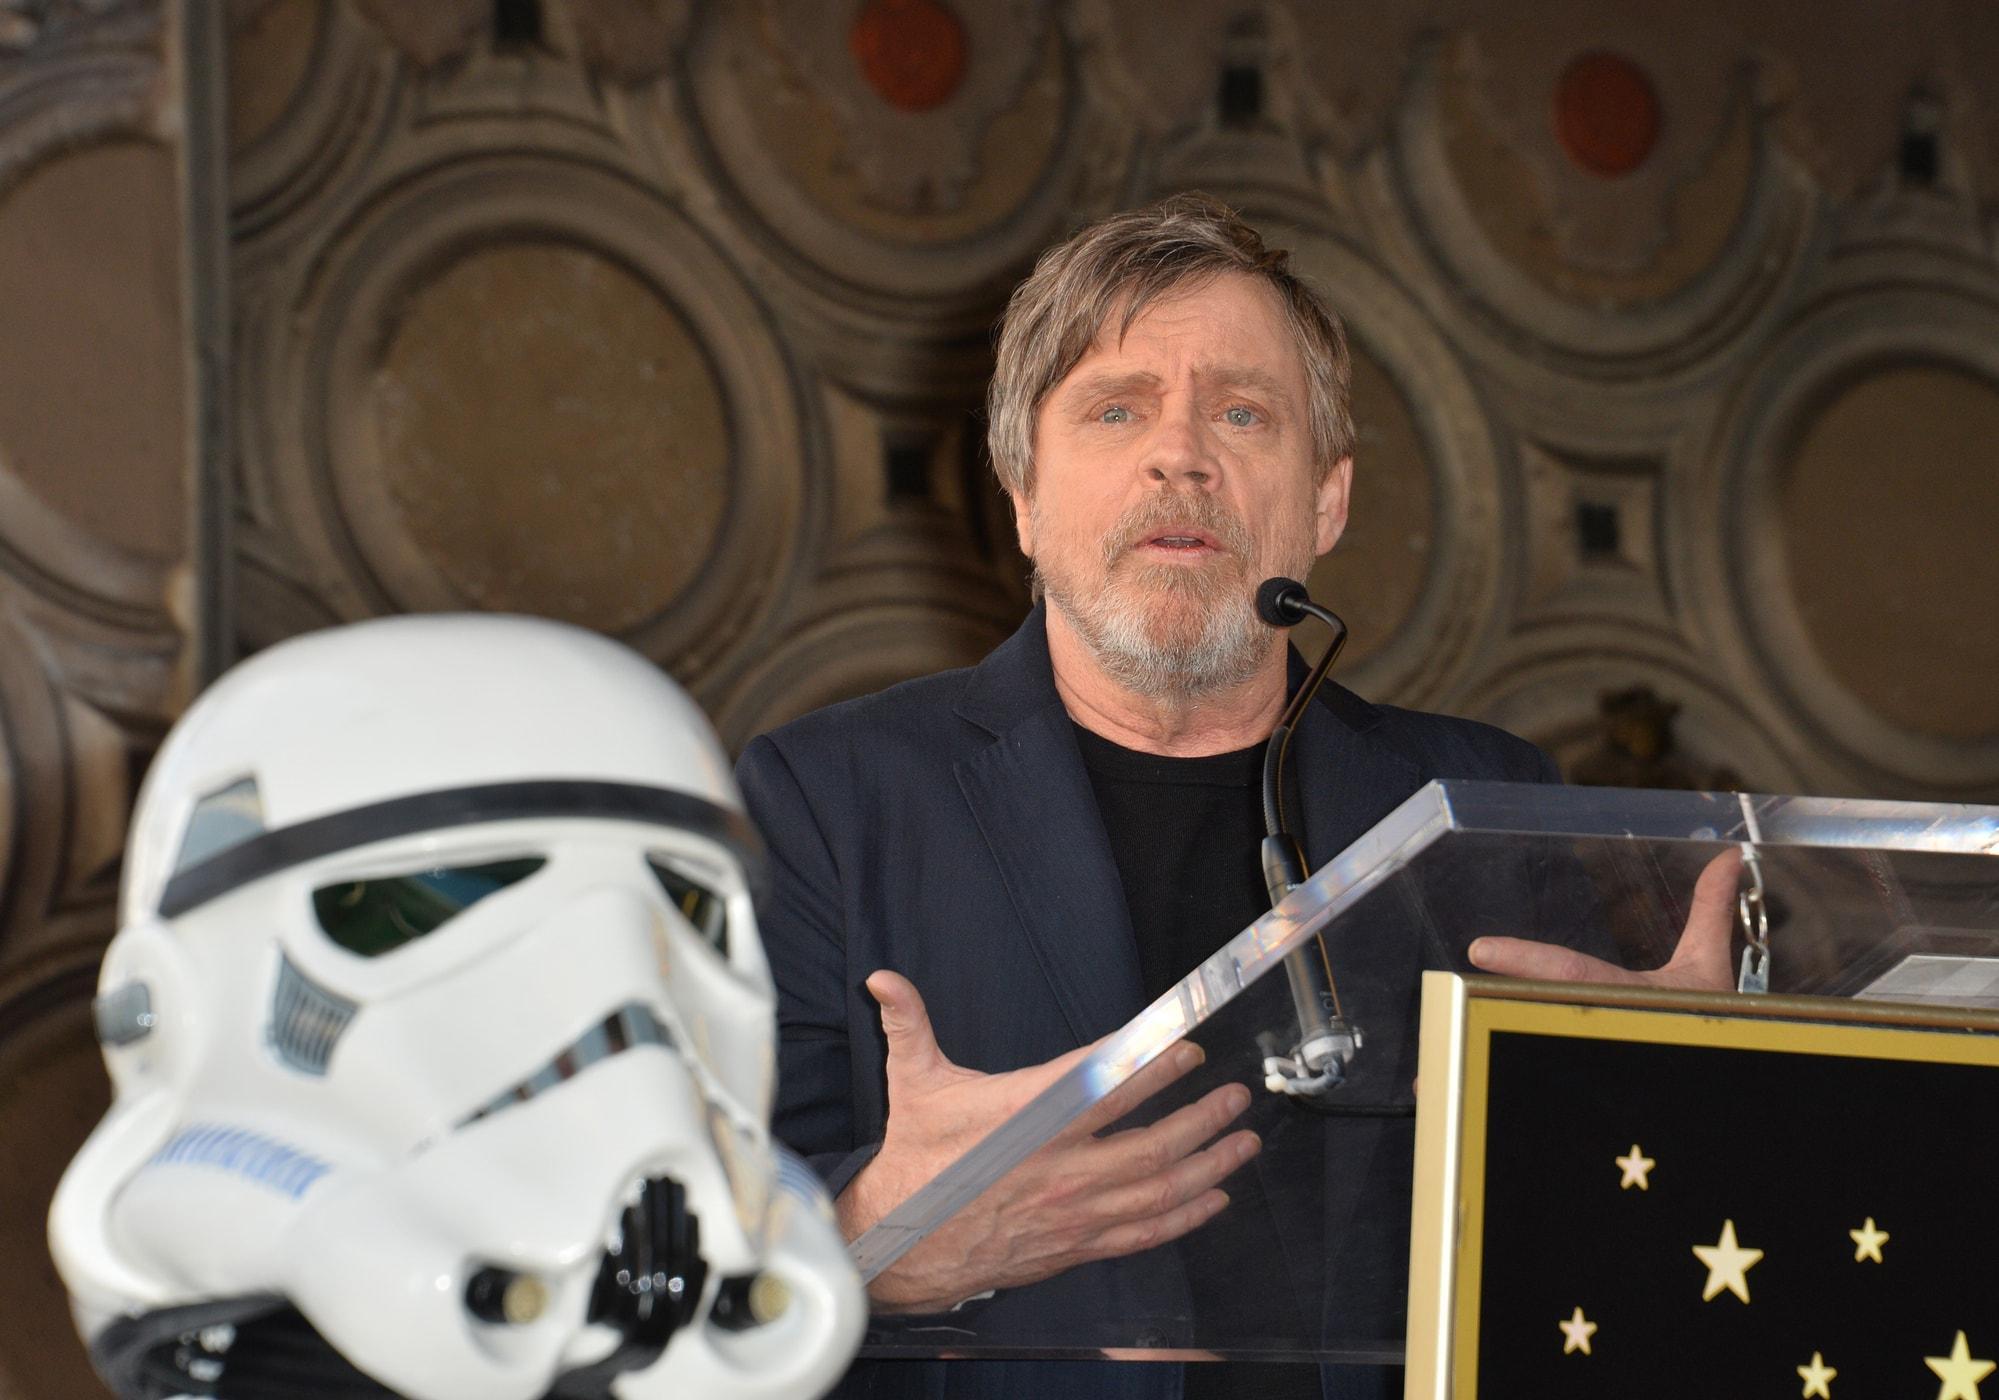 Марк Хэмилл, сыгравший Люка Скайуокера, сравнил президентов США с фильмами «Звездные войны»